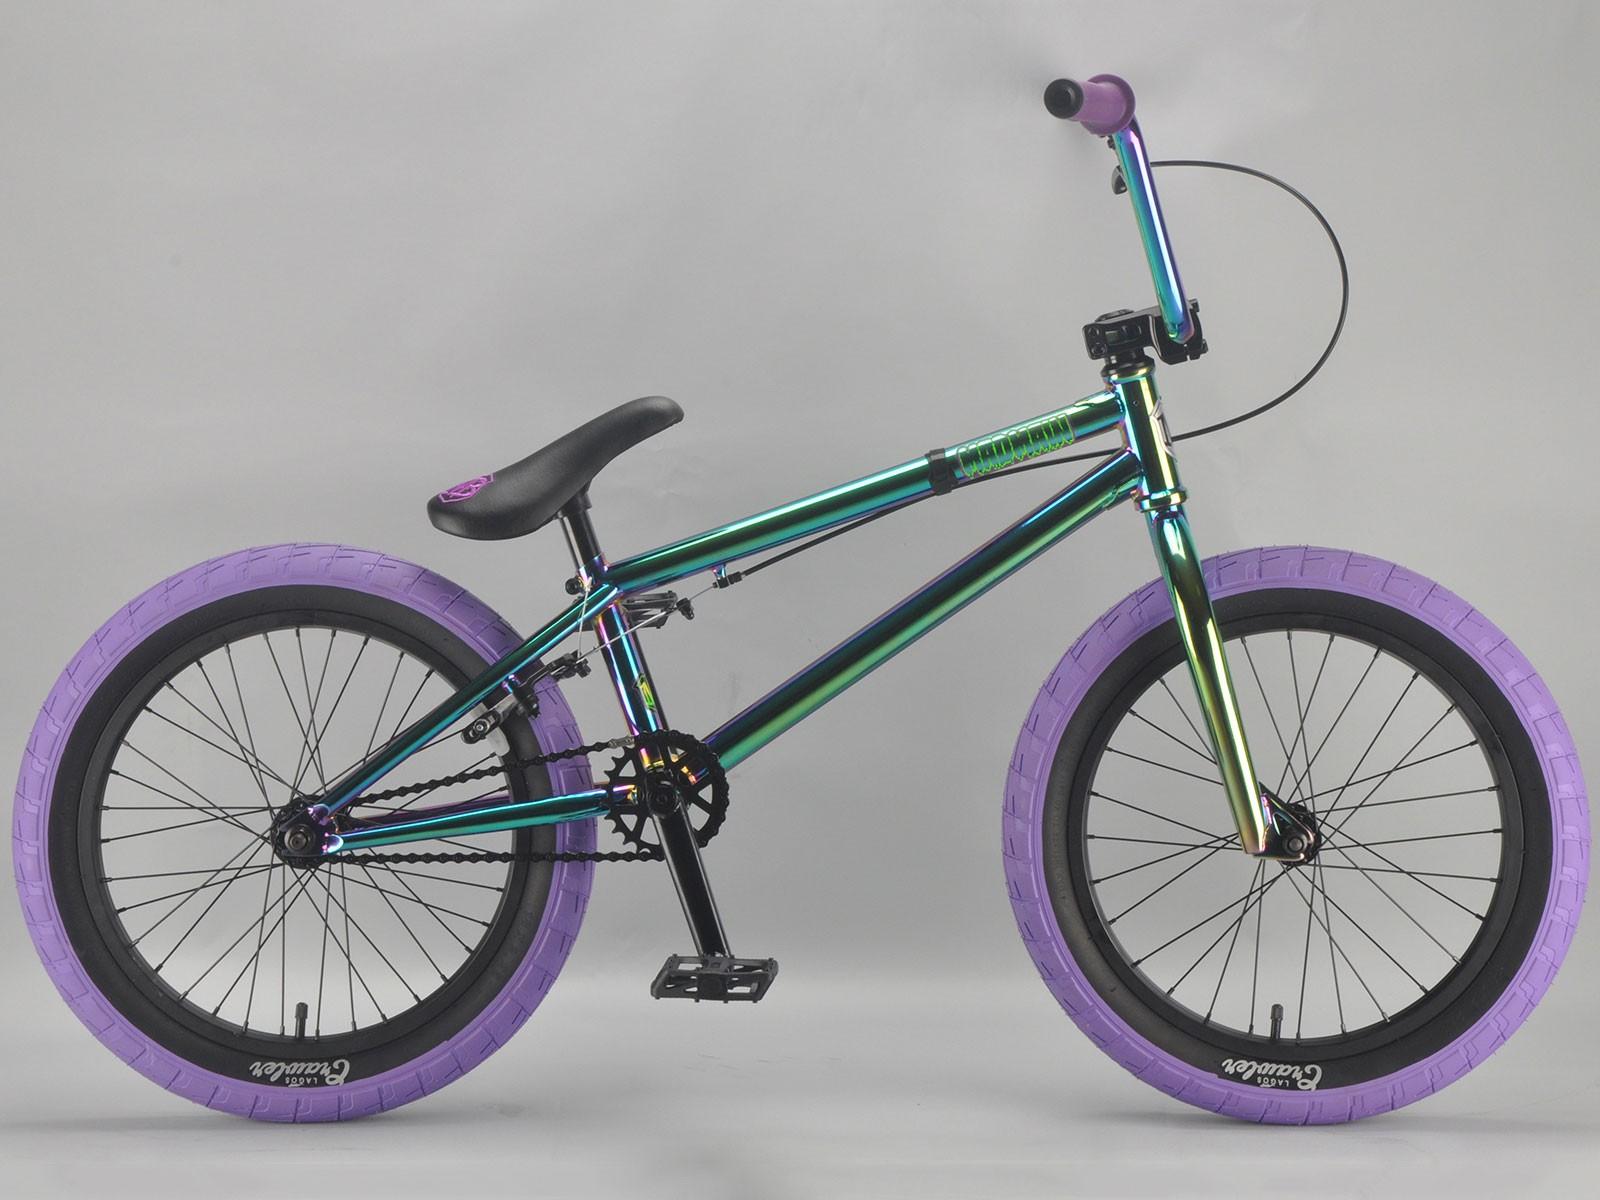 18 pouces mafiabikes bmx bike madmain divers options de couleur harry main ebay. Black Bedroom Furniture Sets. Home Design Ideas